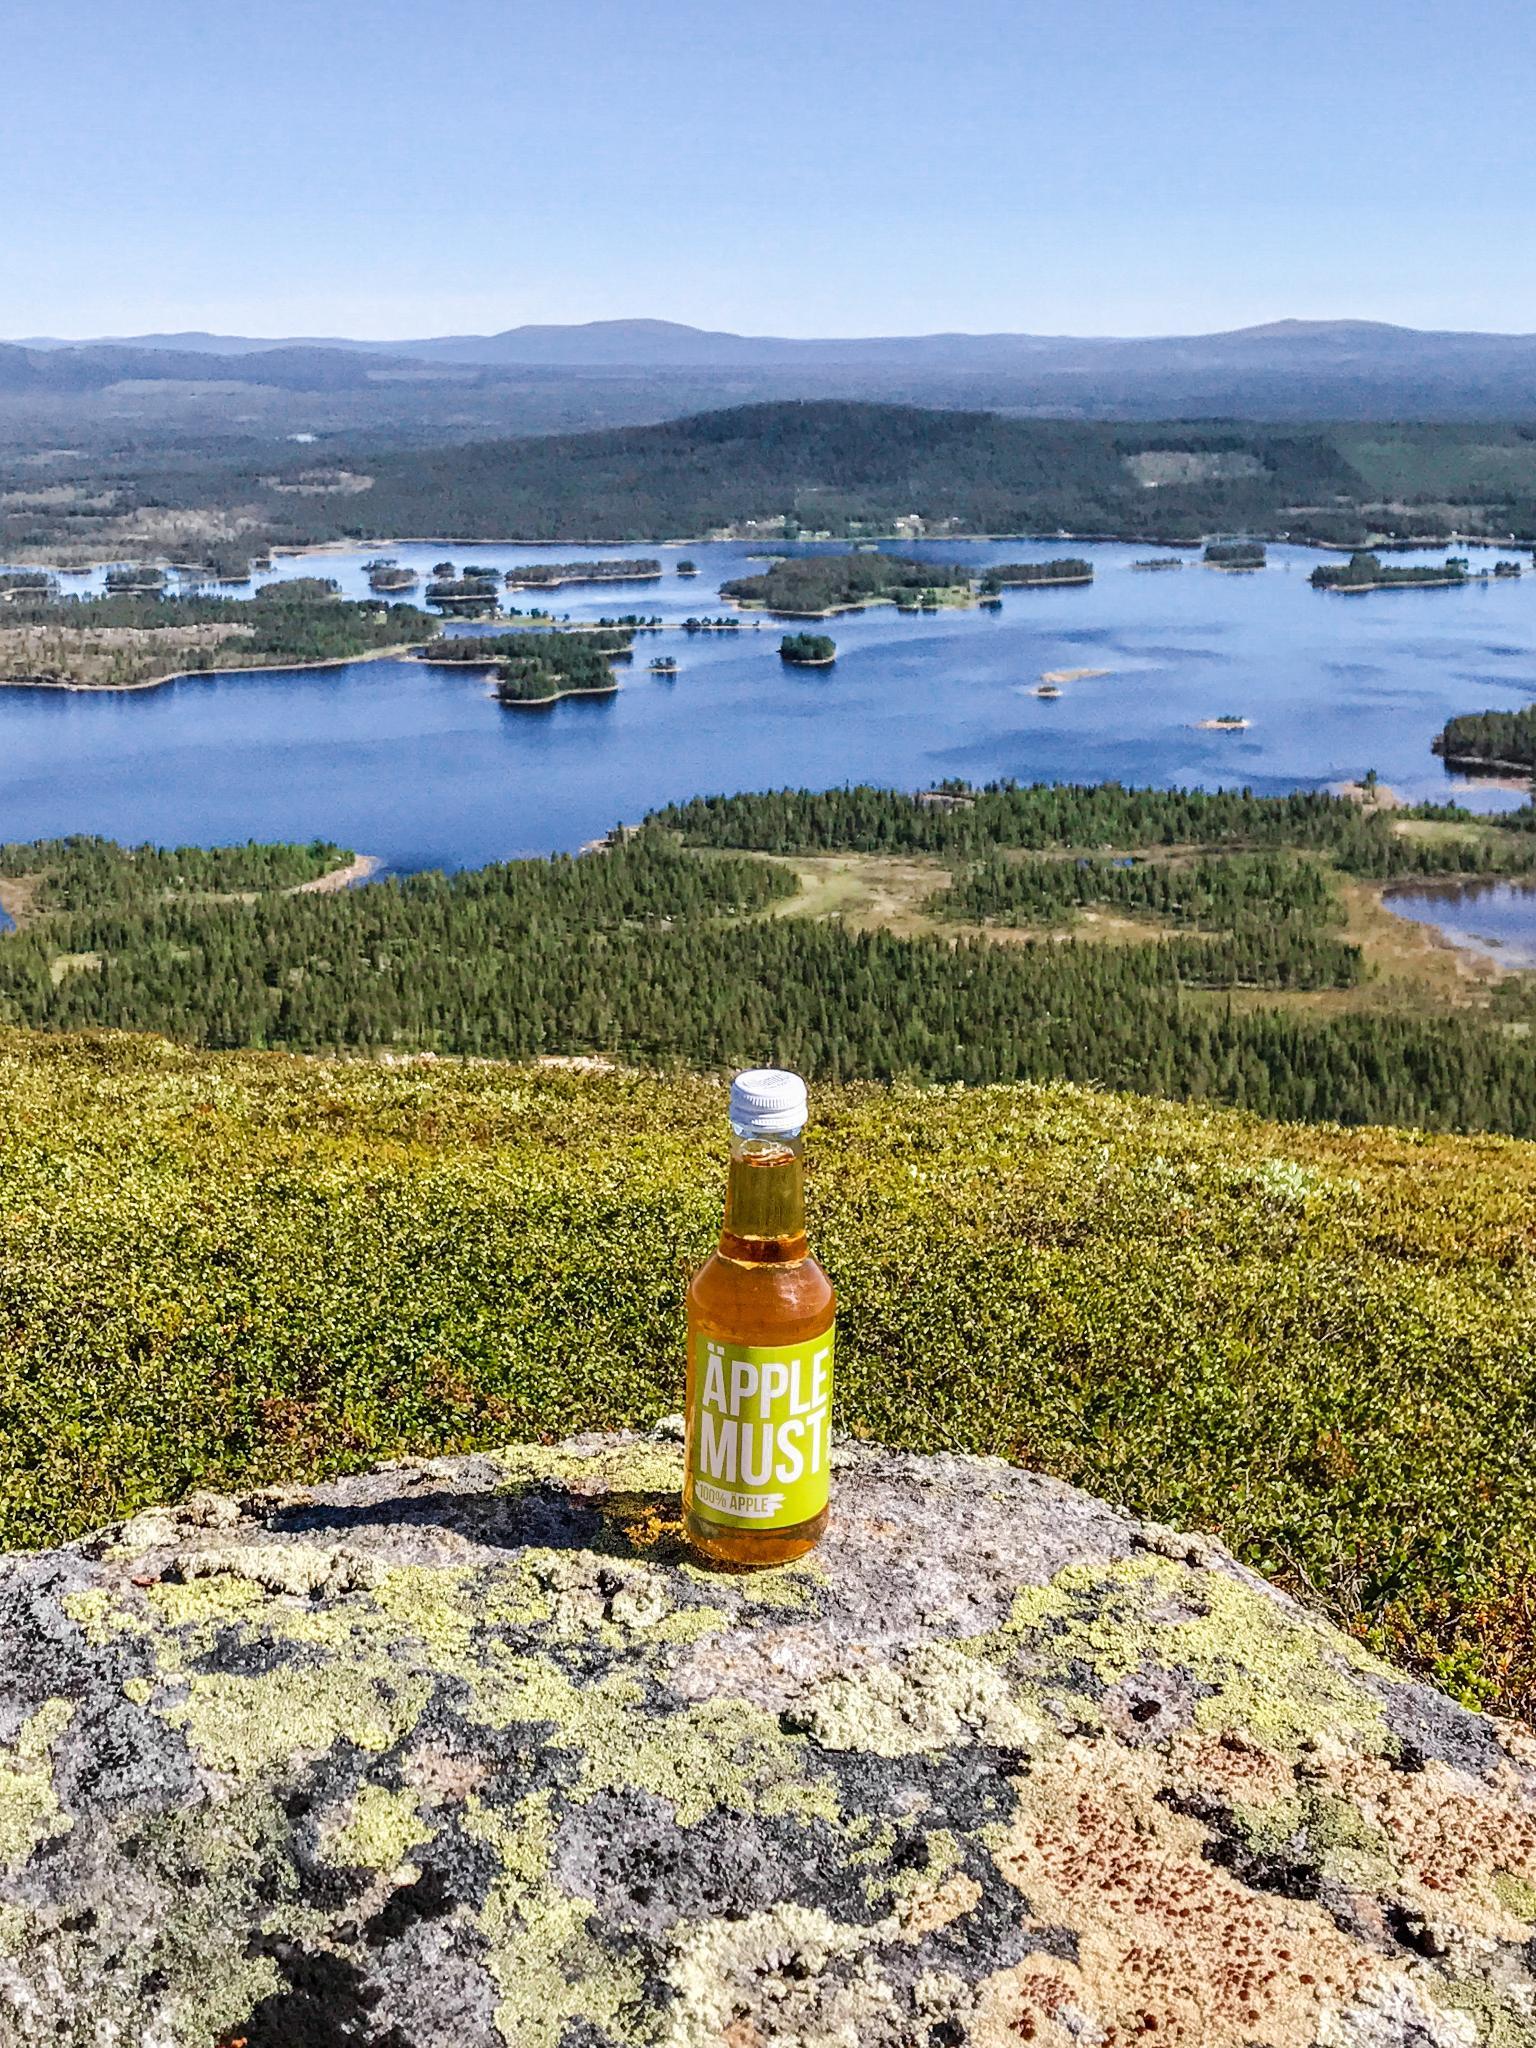 【北歐景點】Arjeplog Galtispuoda:眺望無盡延綿的瑞典極圈荒原 37